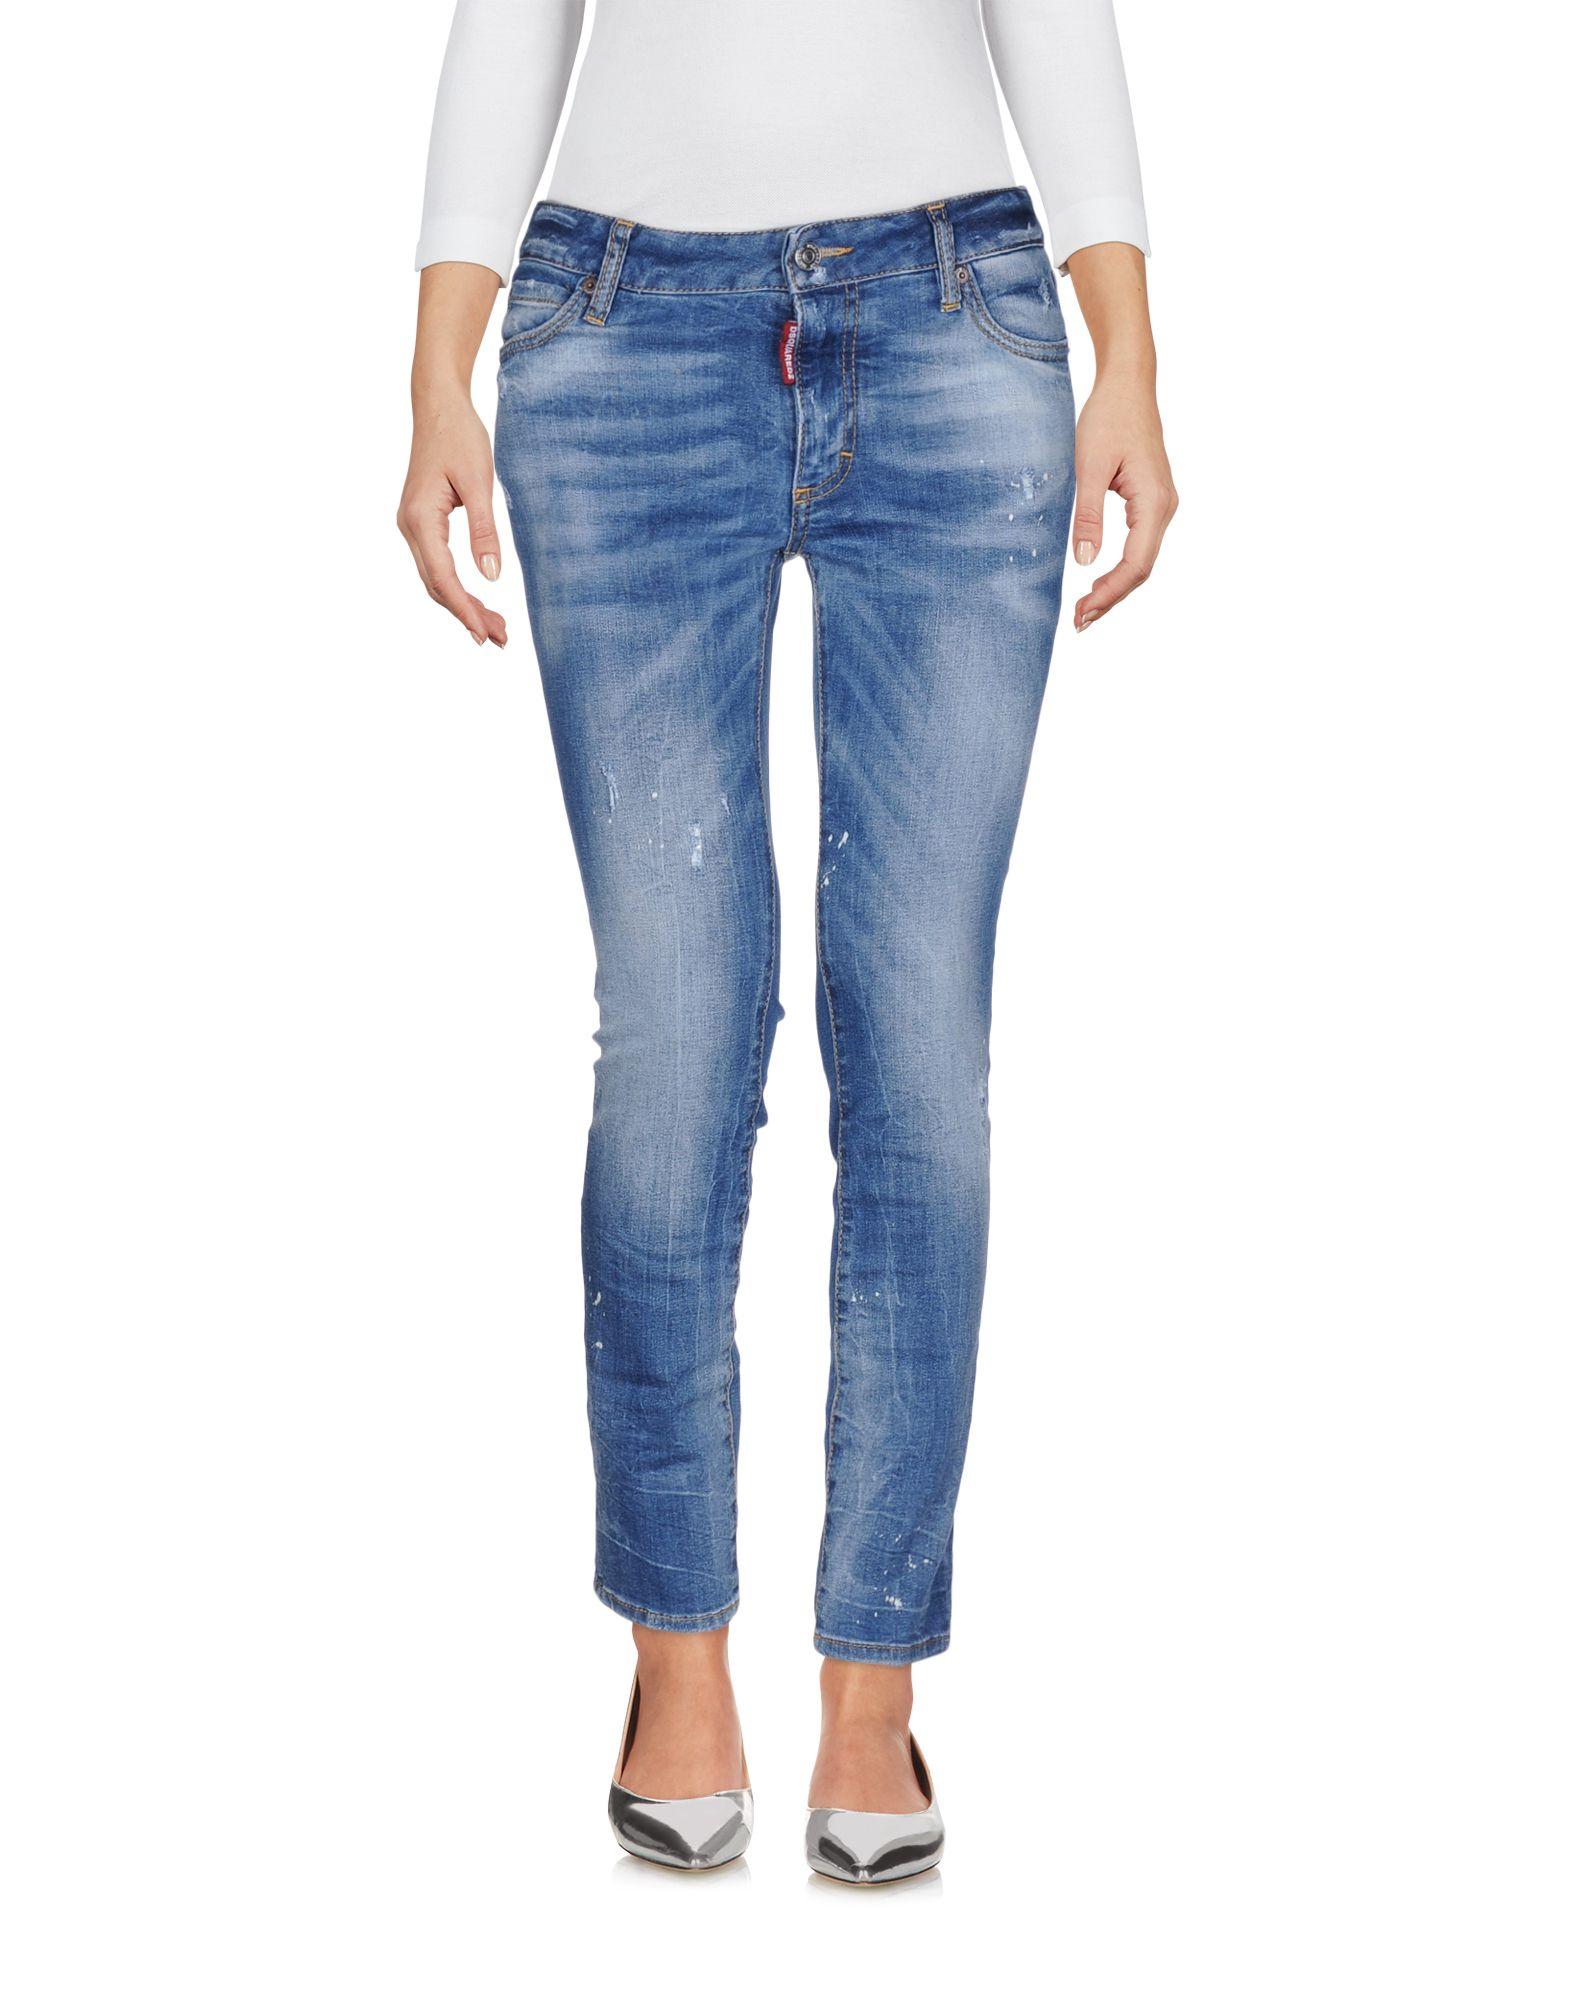 Pantaloni Jeans Dsquared2 Donna - Acquista online su yliQu671d